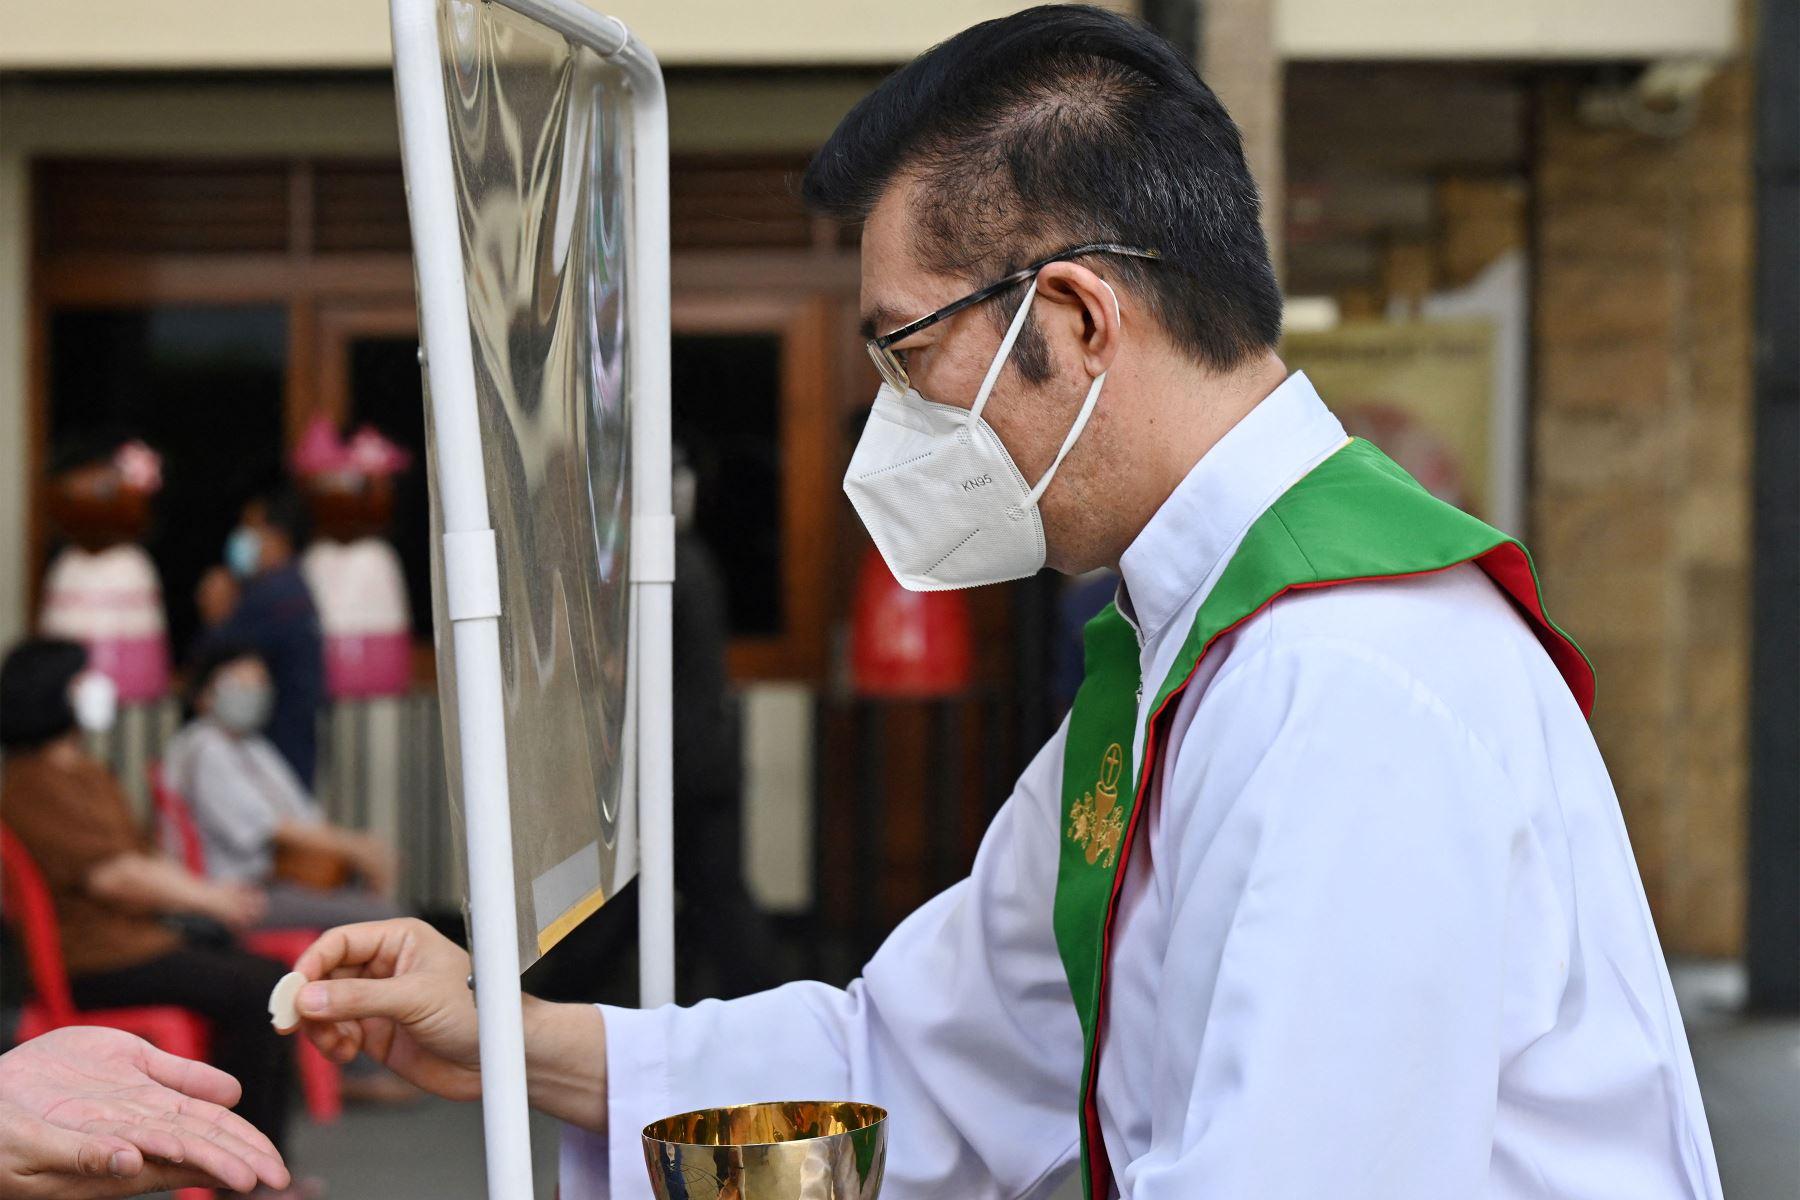 Un hombre recibe una hostia de comunión detrás de una pantalla mientras las personas asisten a las oraciones mientras observan las medidas de prevención contra el coronavirus, en una catedral de Yakarta. Foto: AFP